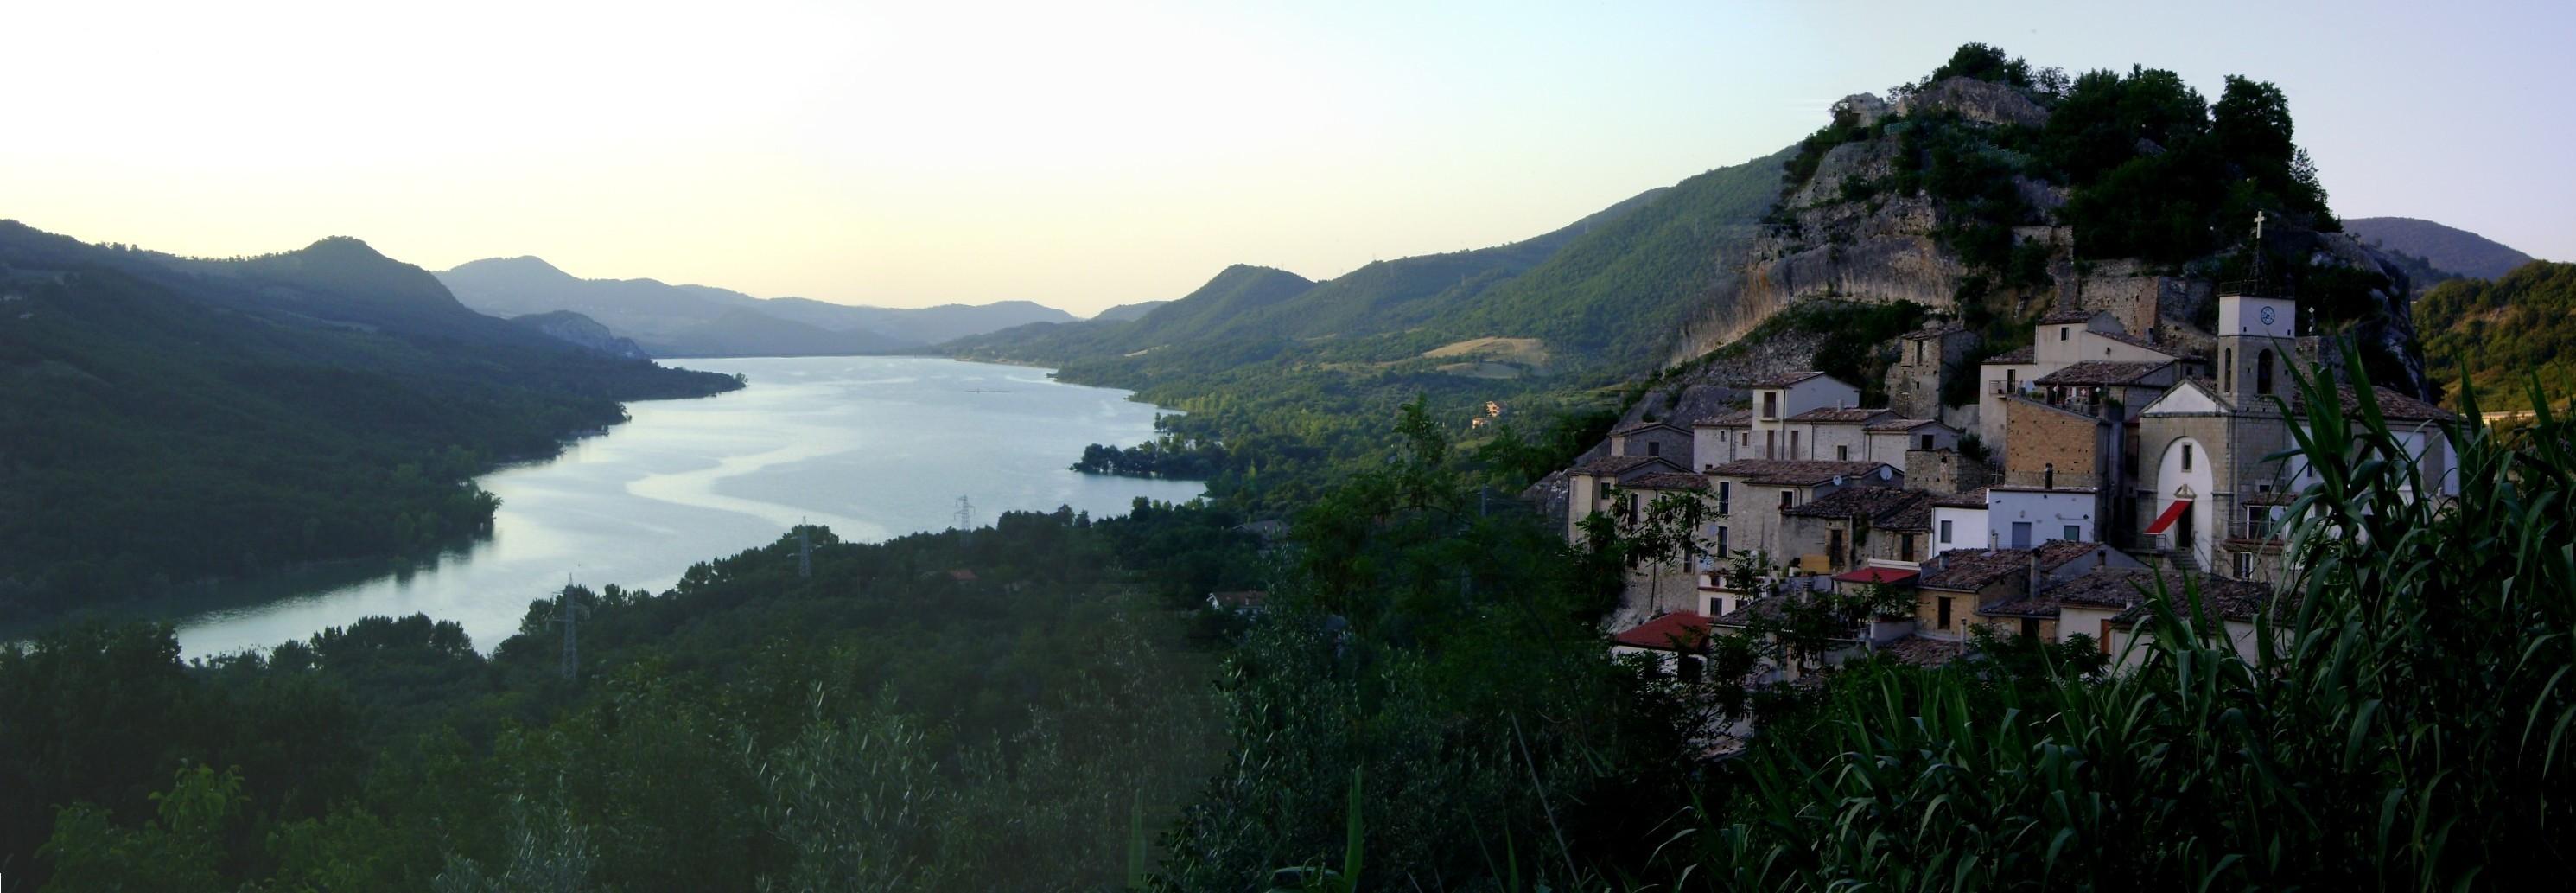 Lago de Bomba